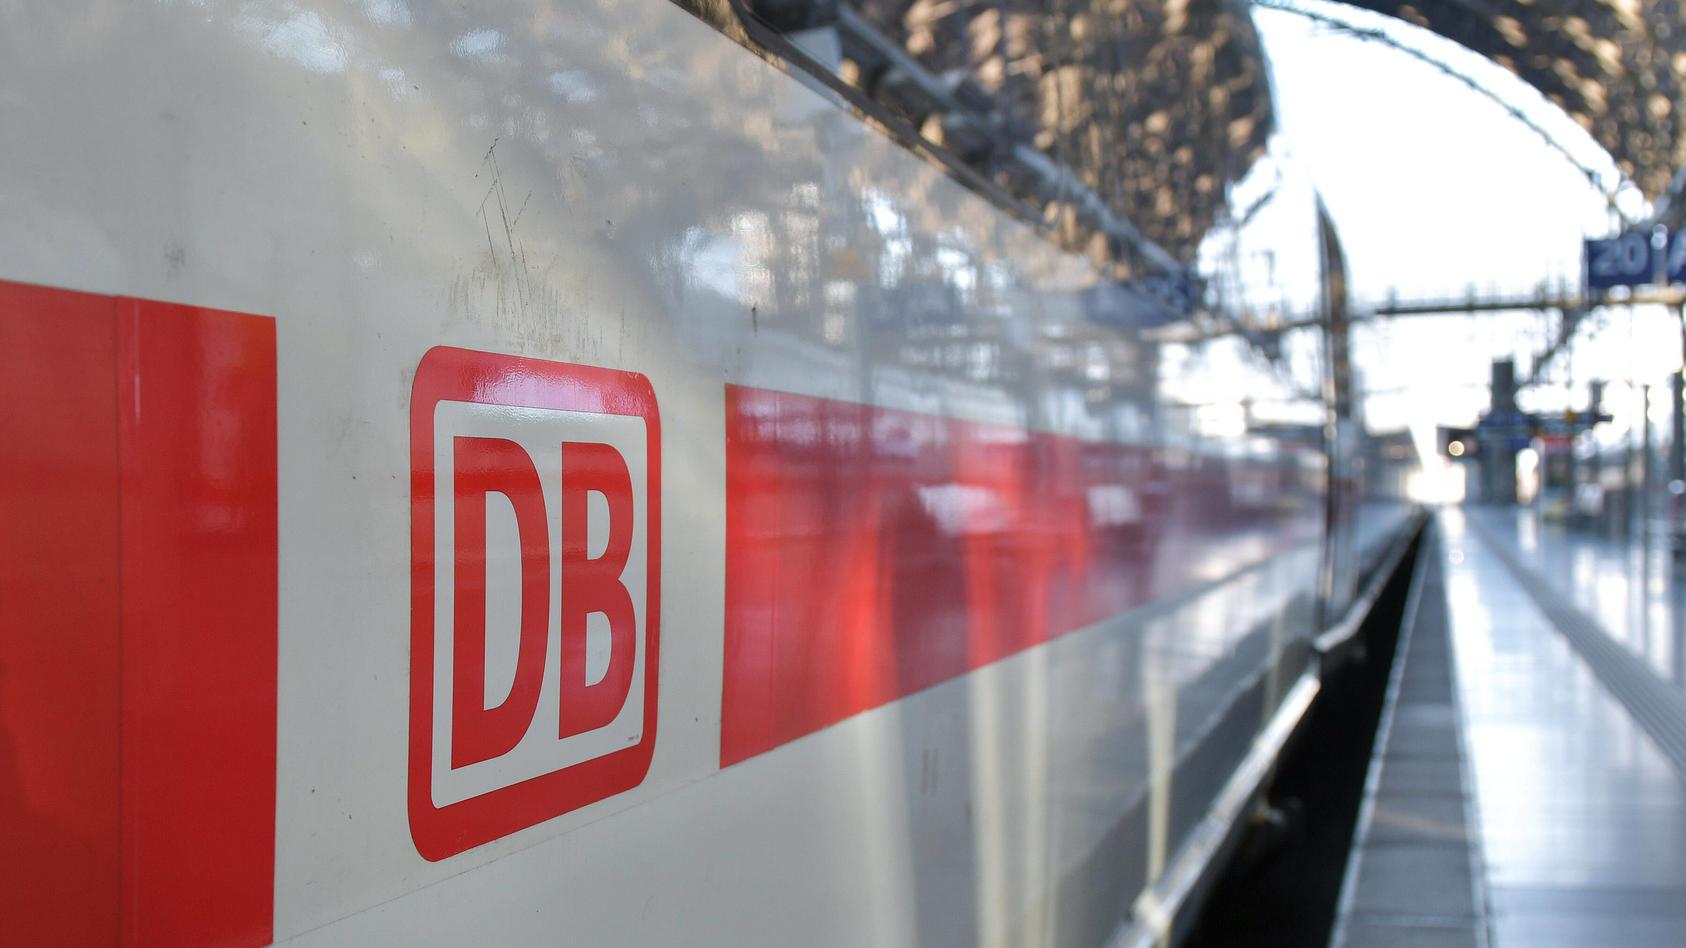 Ein Bahnmitarbeiter informierte die Polizei über einen ungewöhnlichen Stecker im ICE.